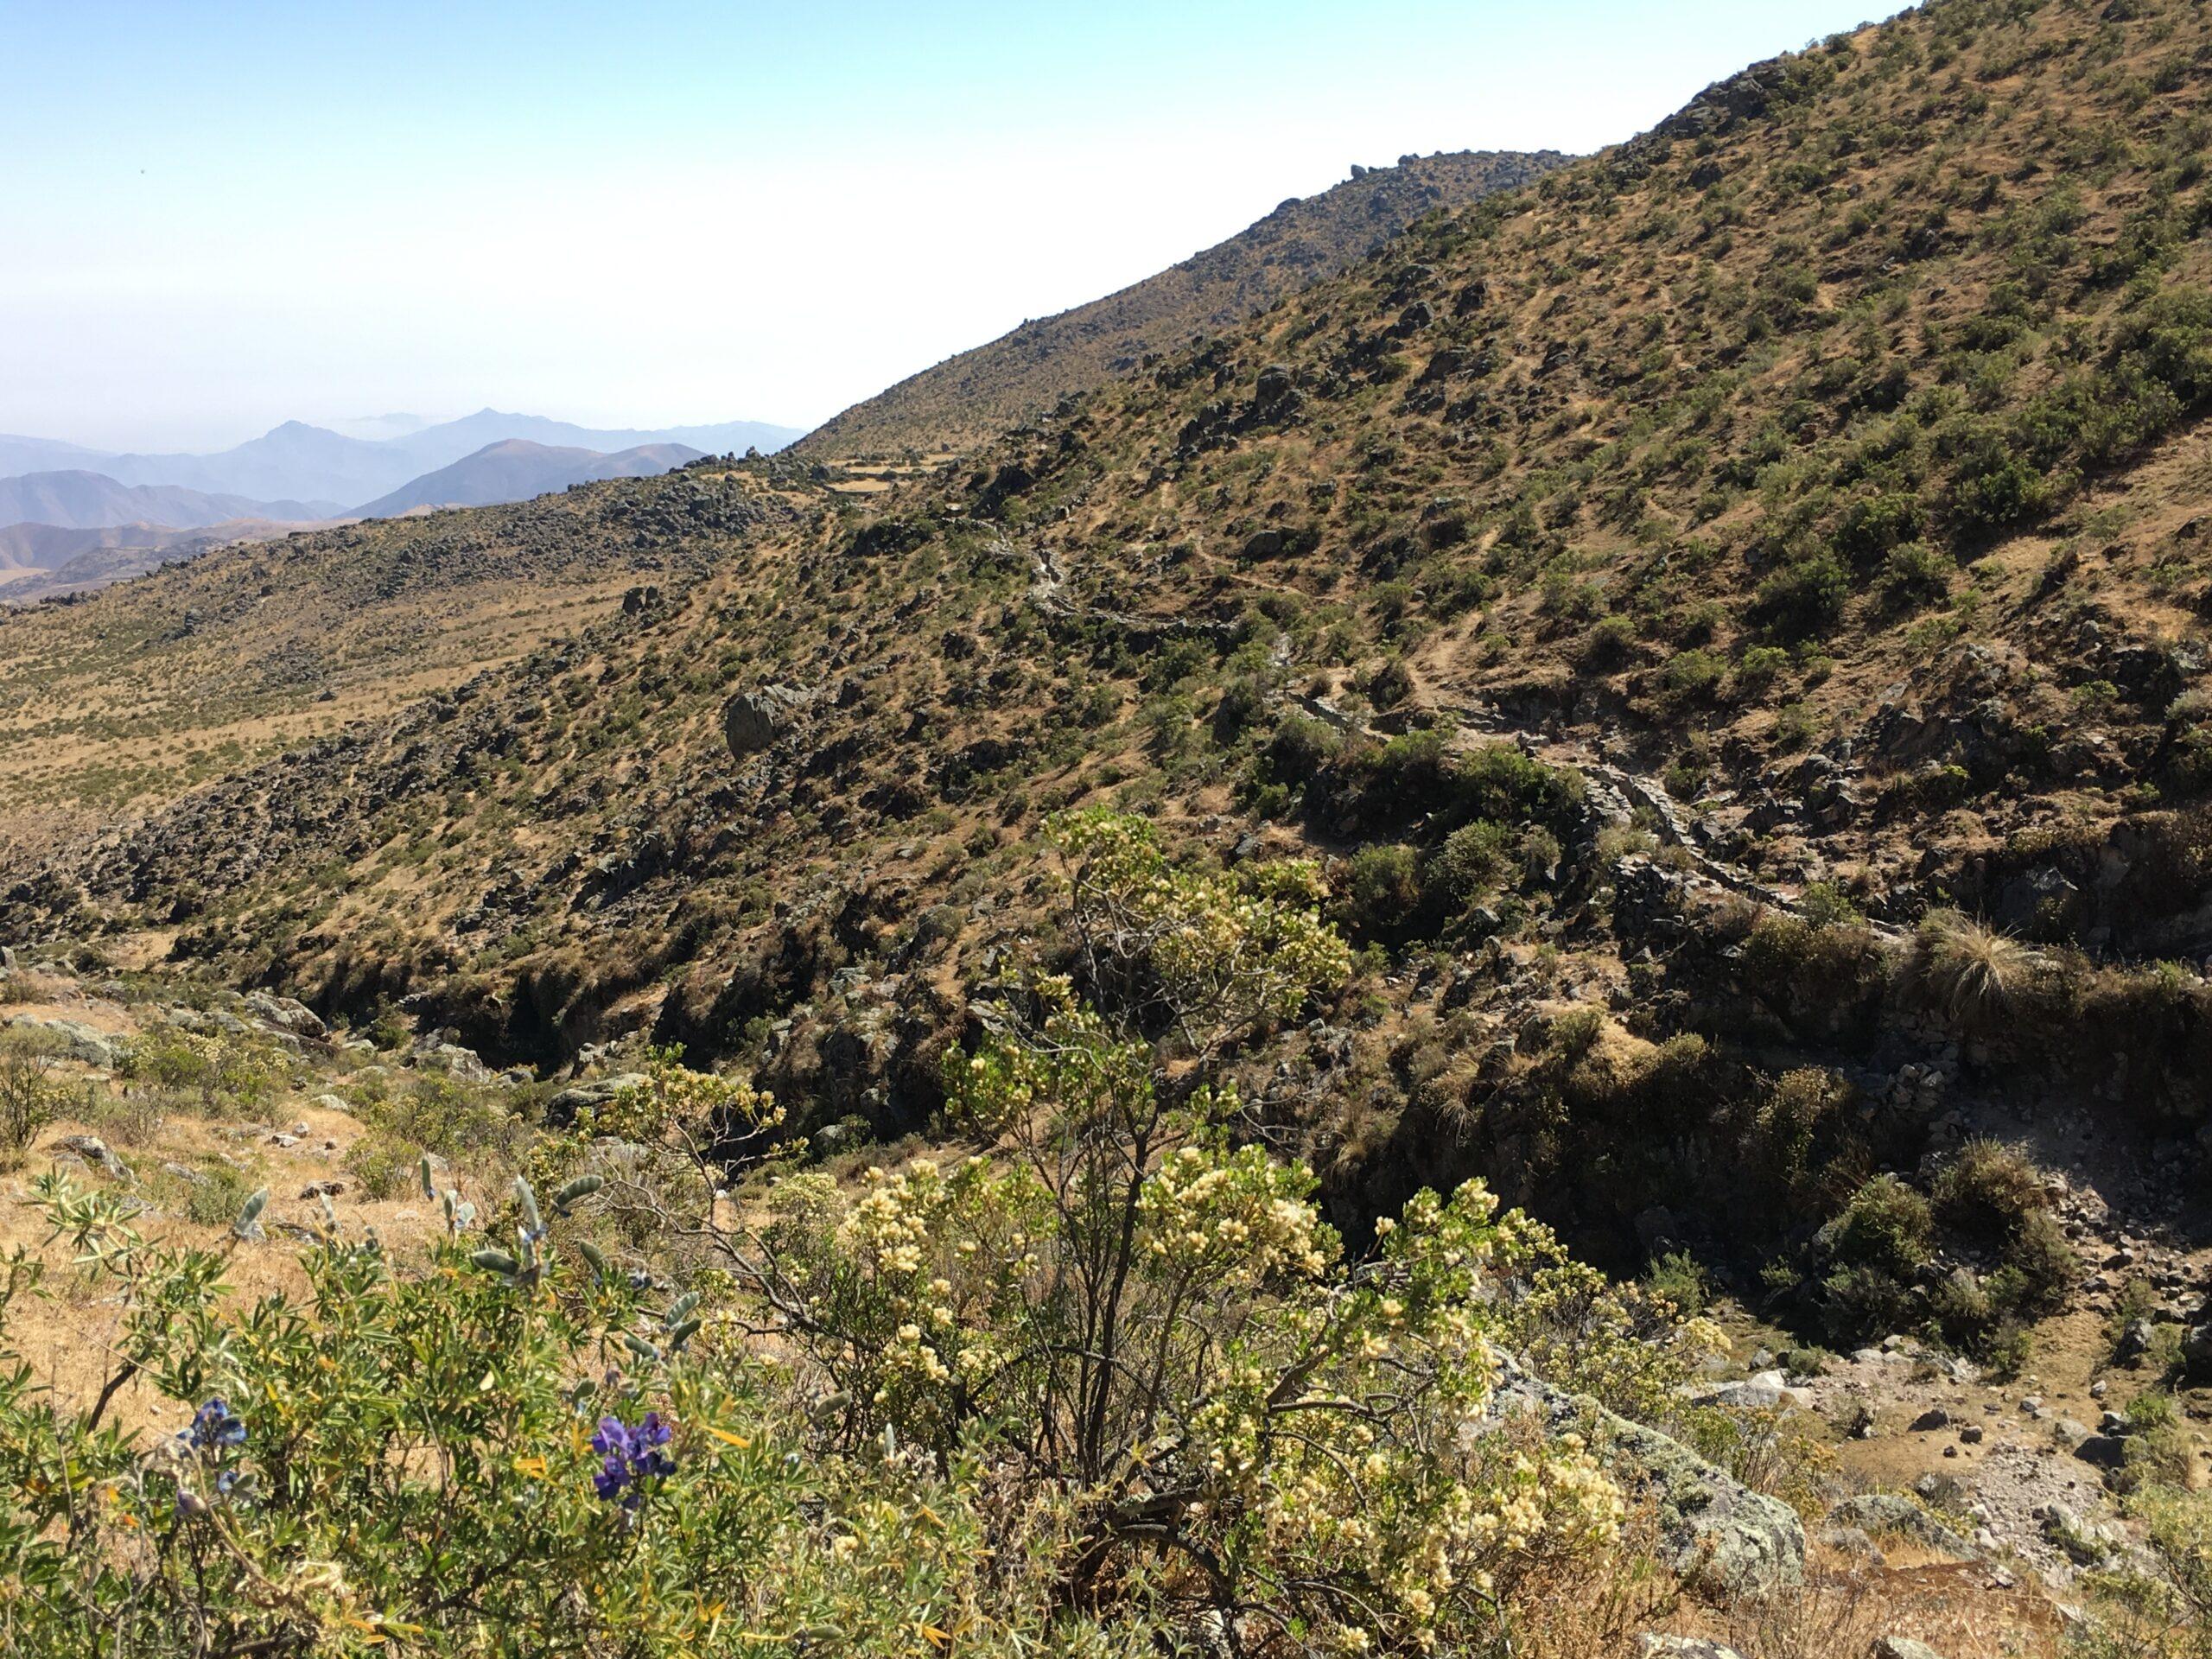 Amuna in the highlands of Peru.